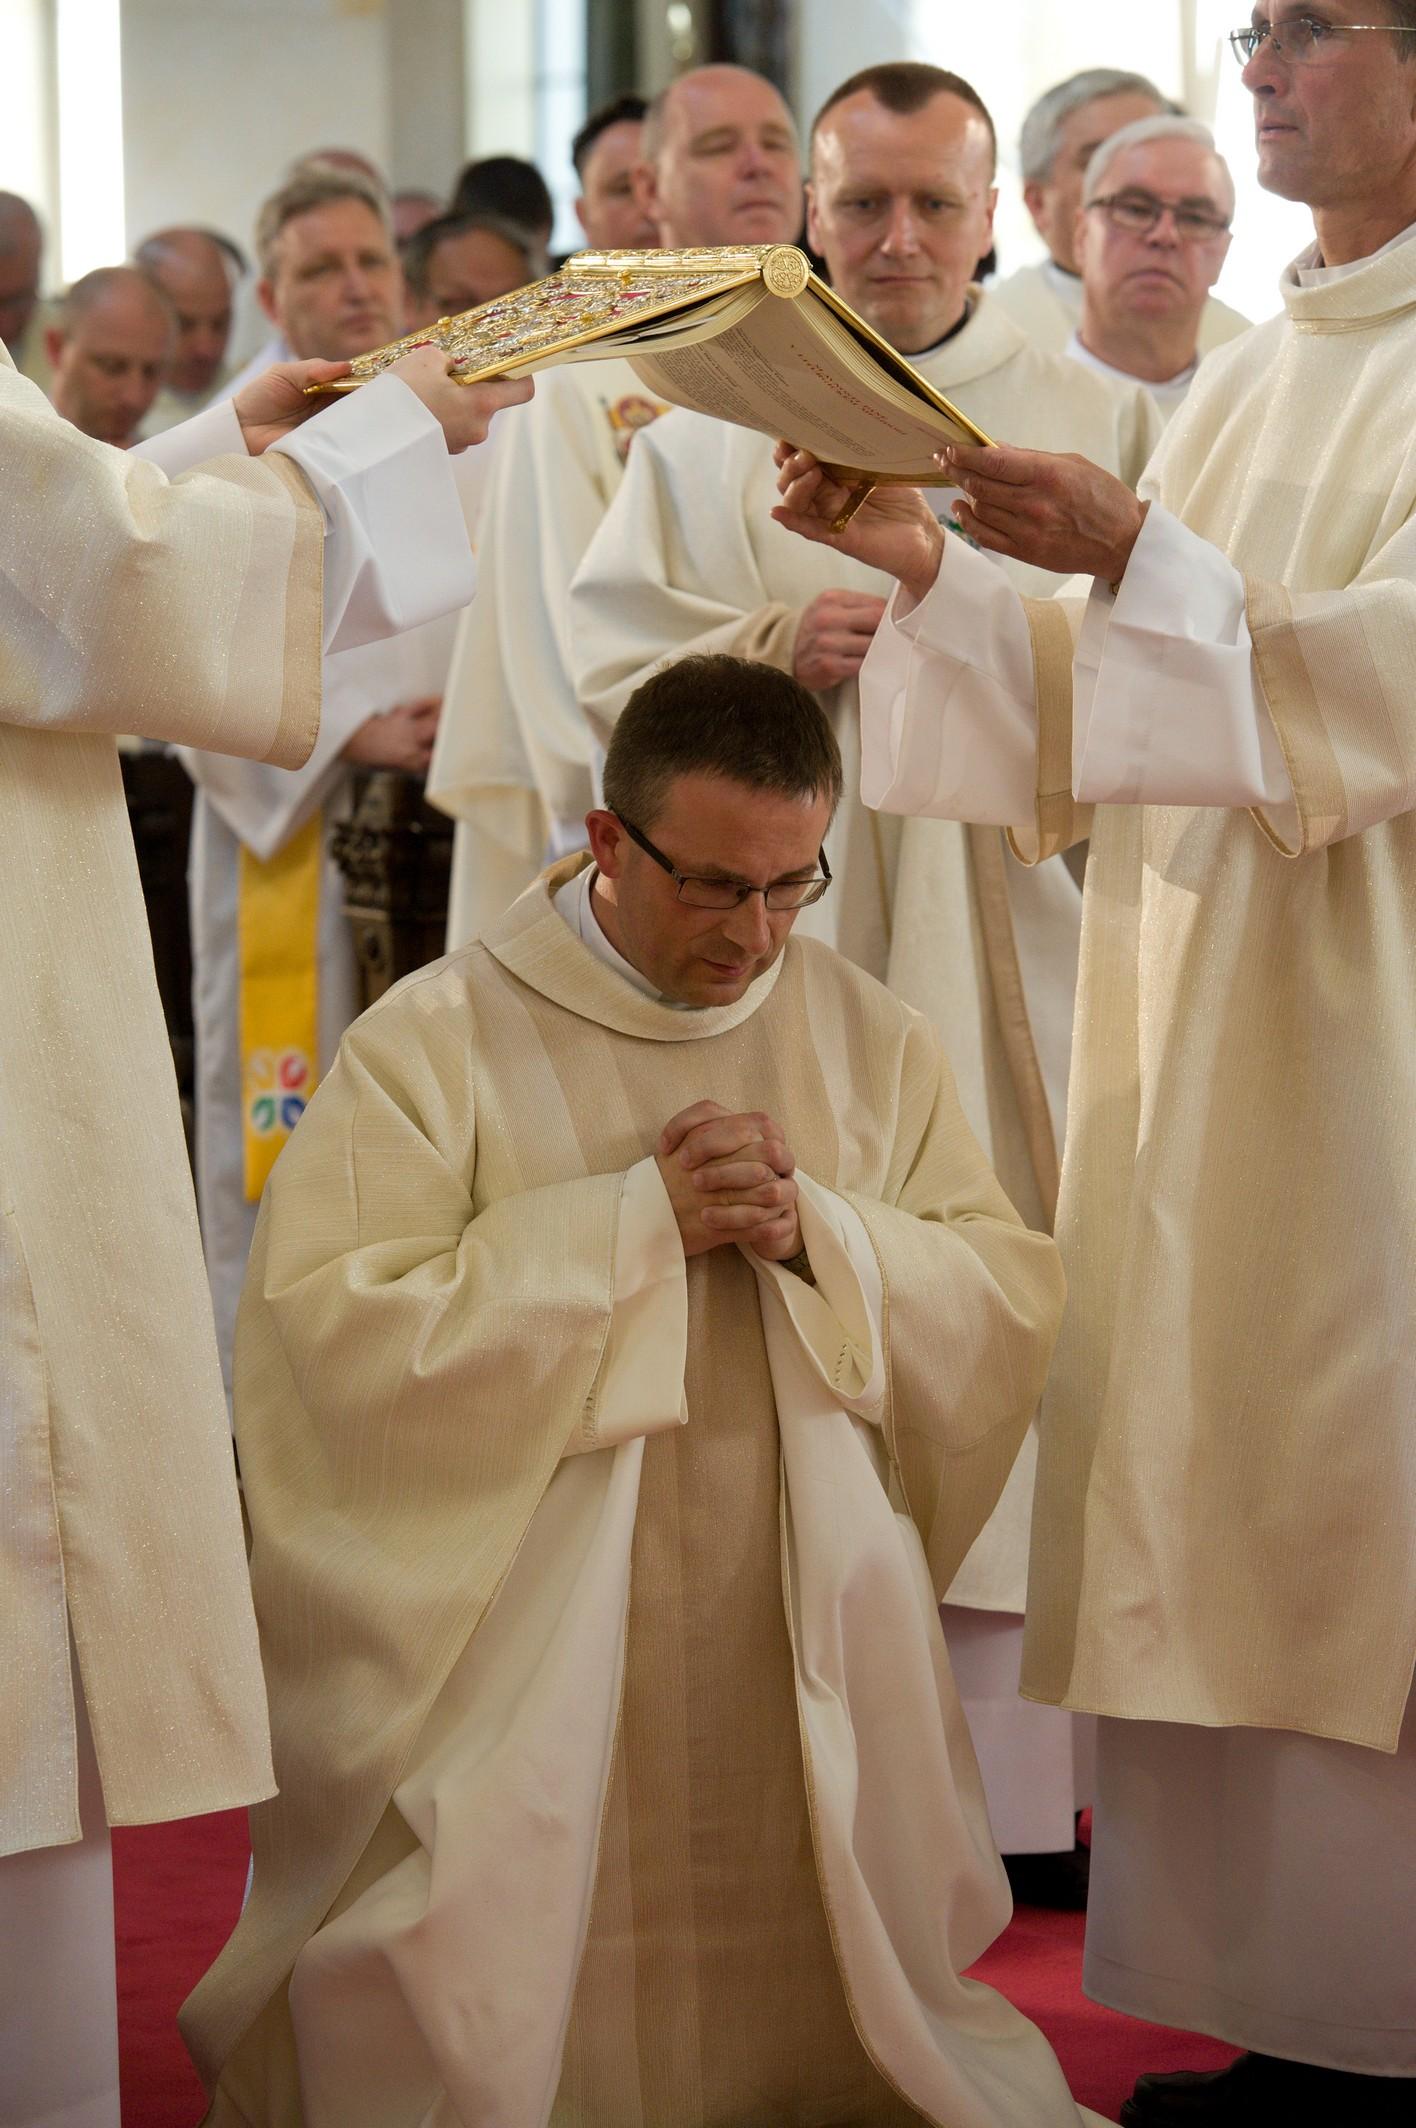 Svěcení-pomocného-biskupa05